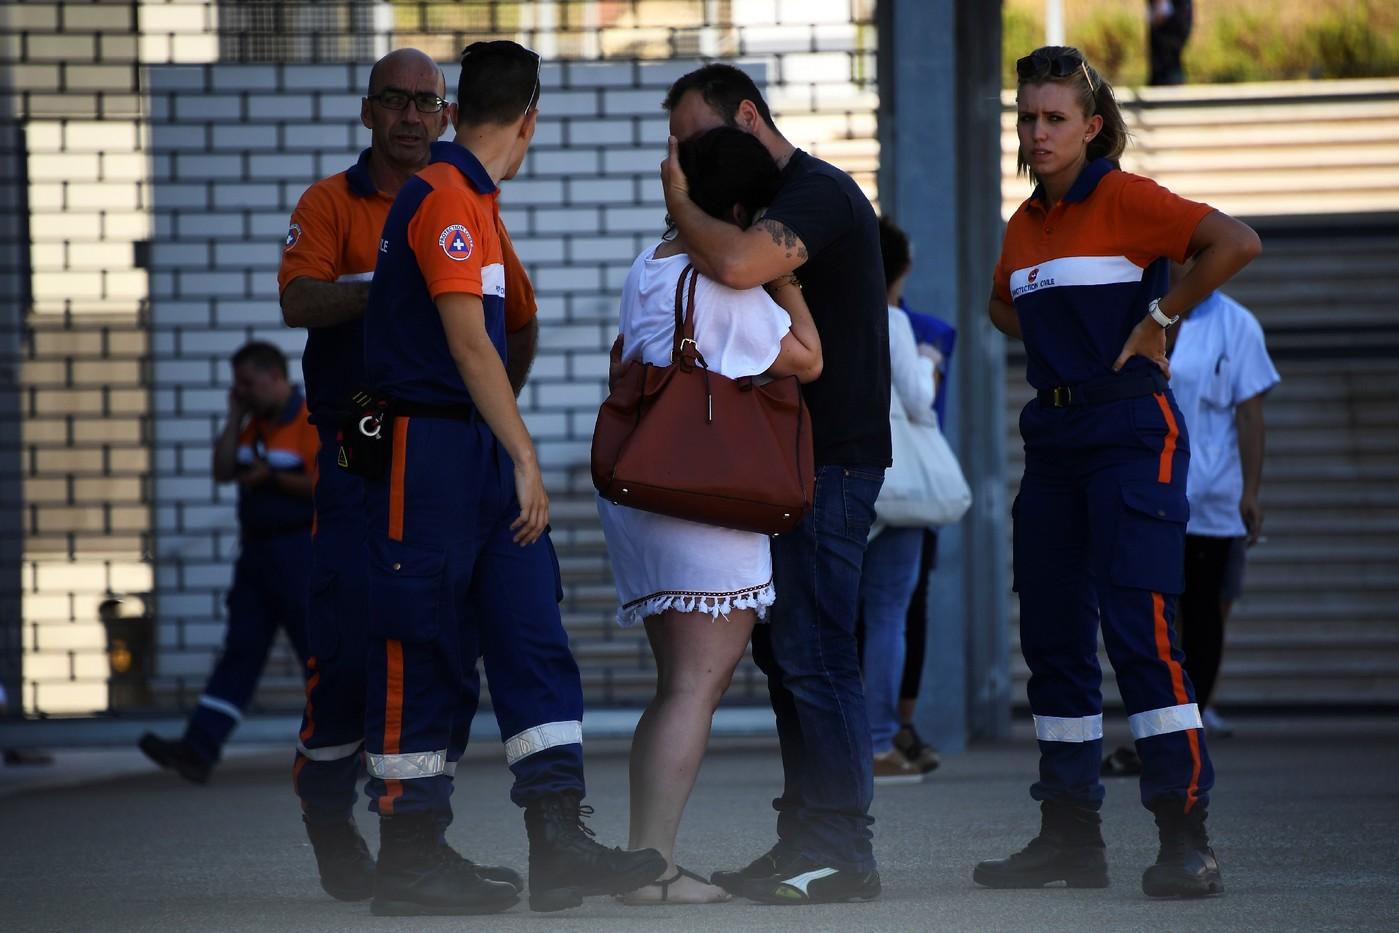 Des agents de la protection civile réconfortent une femme devant l'hôpital Pasteur de Nice, le 17 juillet 2016   / AFP